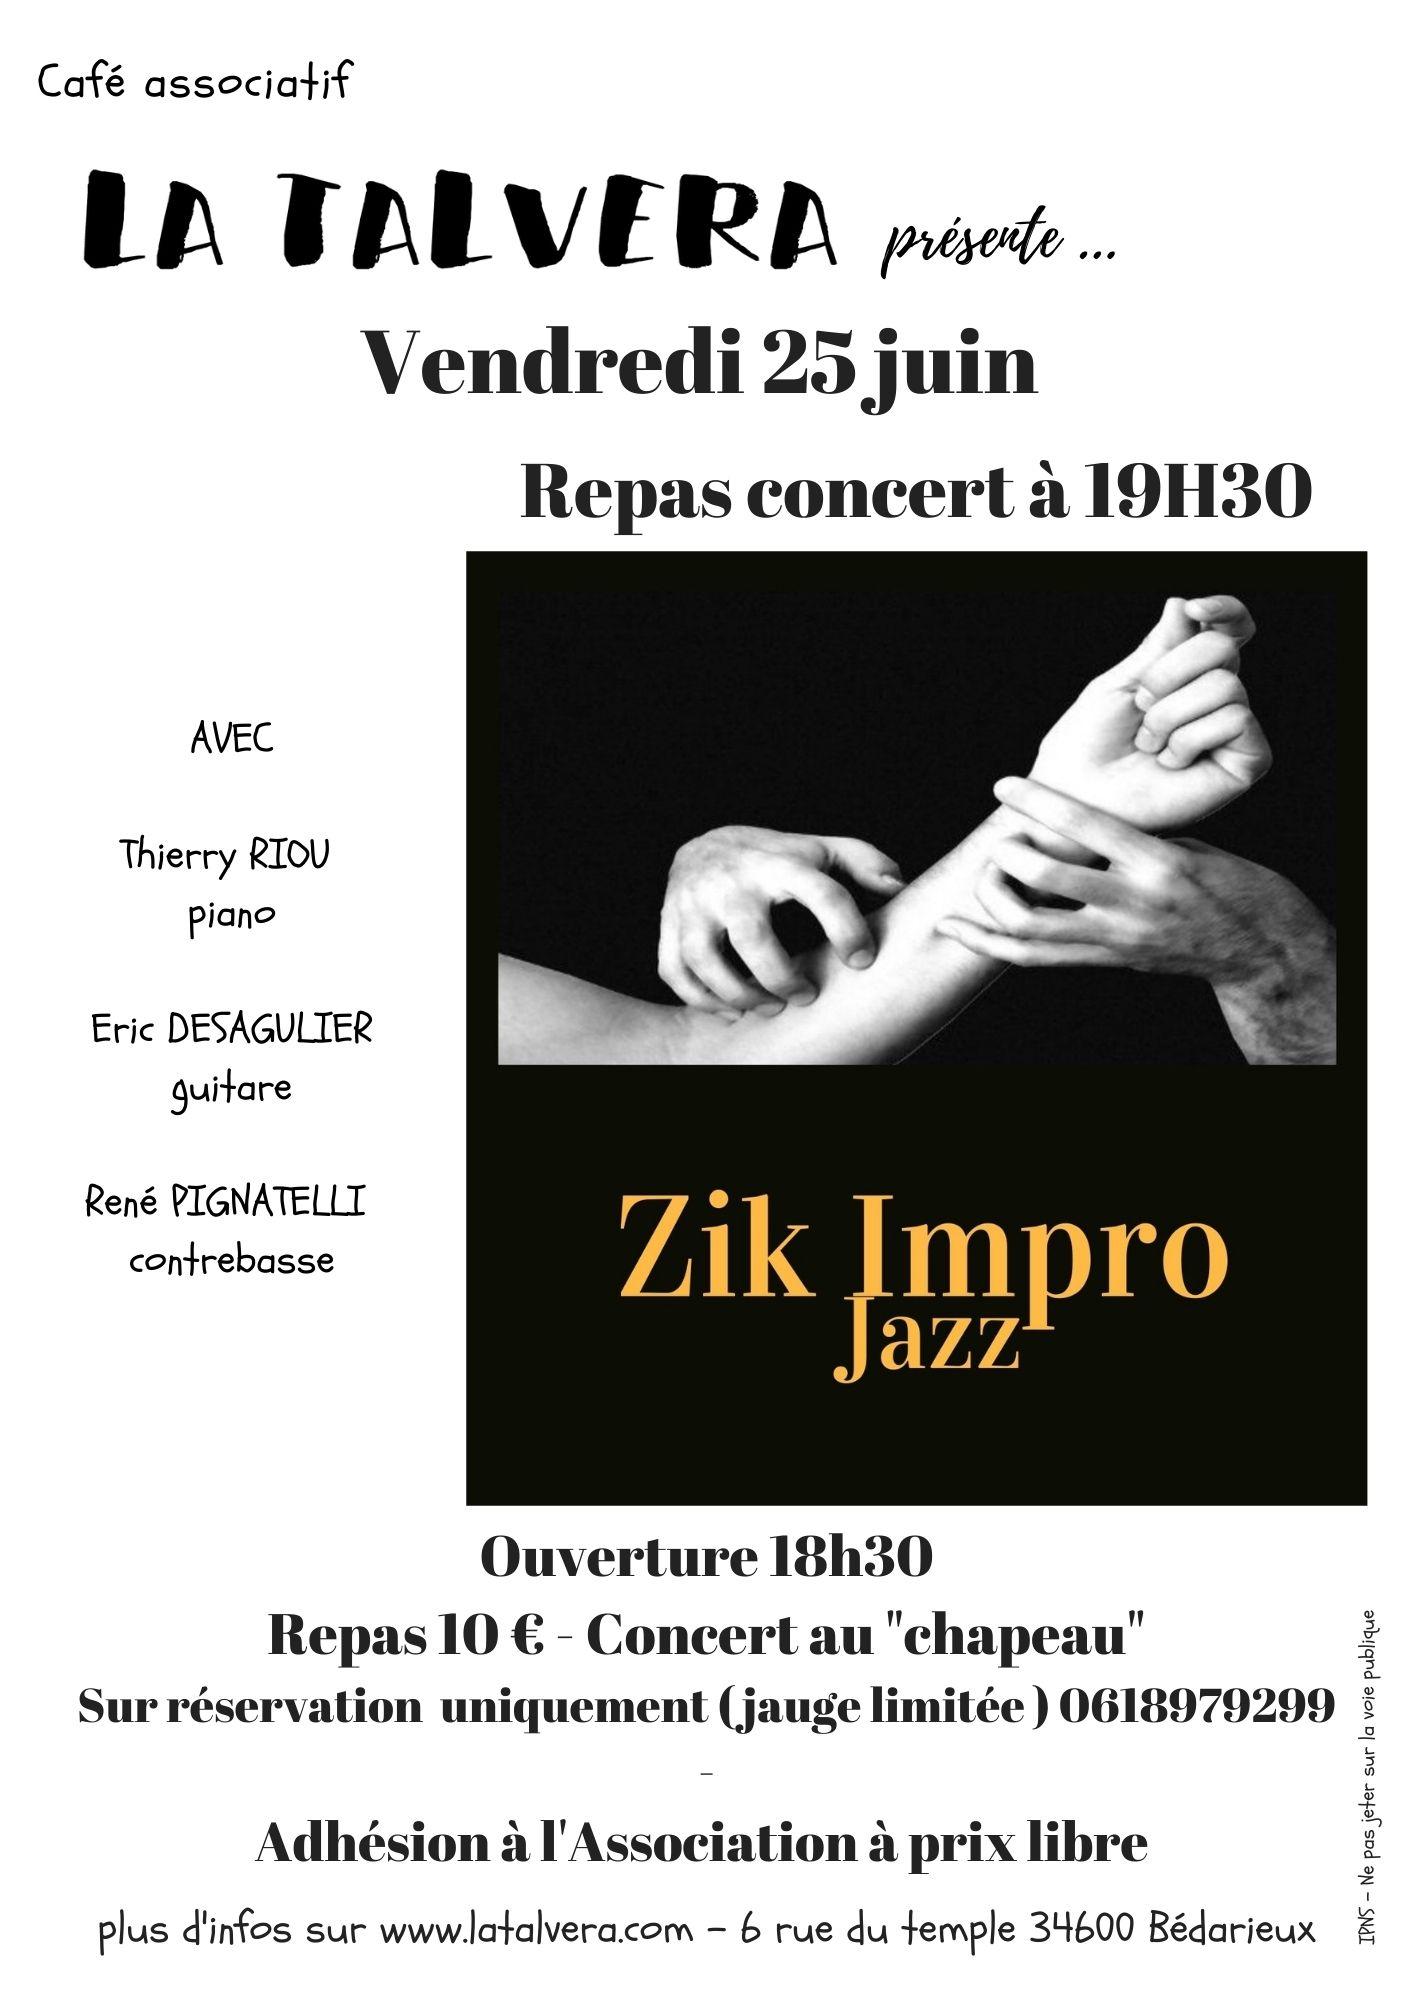 Soirée jazz avec Zik Impro